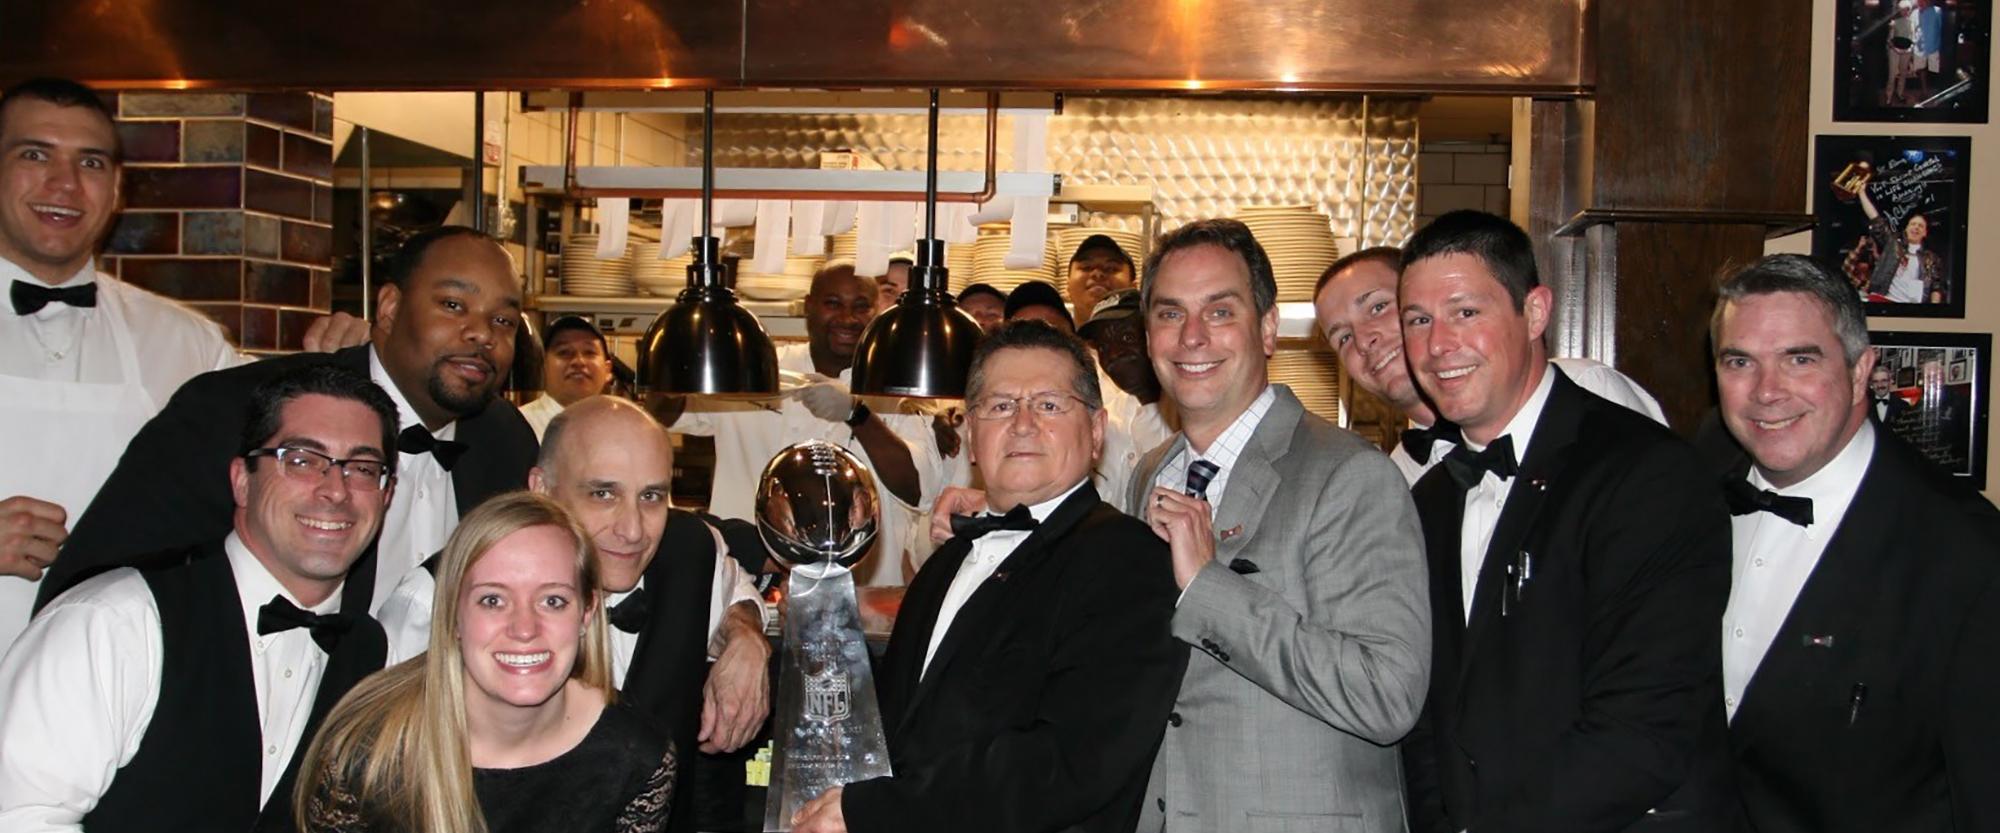 St. Elmo Steak House management infront of restaurant